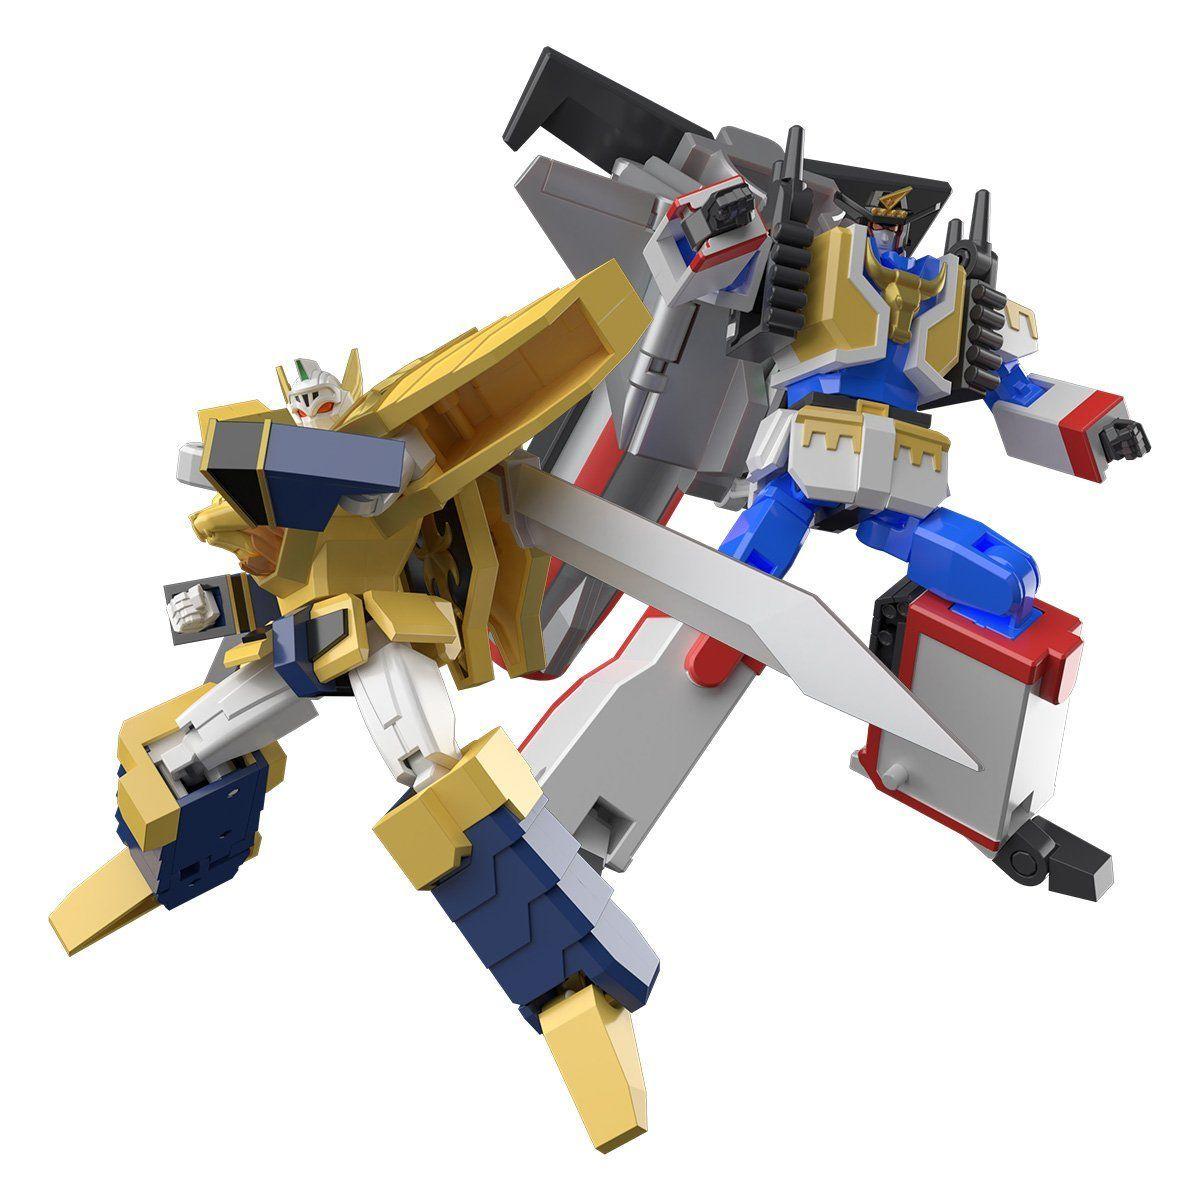 【食玩】スーパーミニプラ『勇者指令ダグオン2』勇者指令ダグオン 3個入りBOX-011